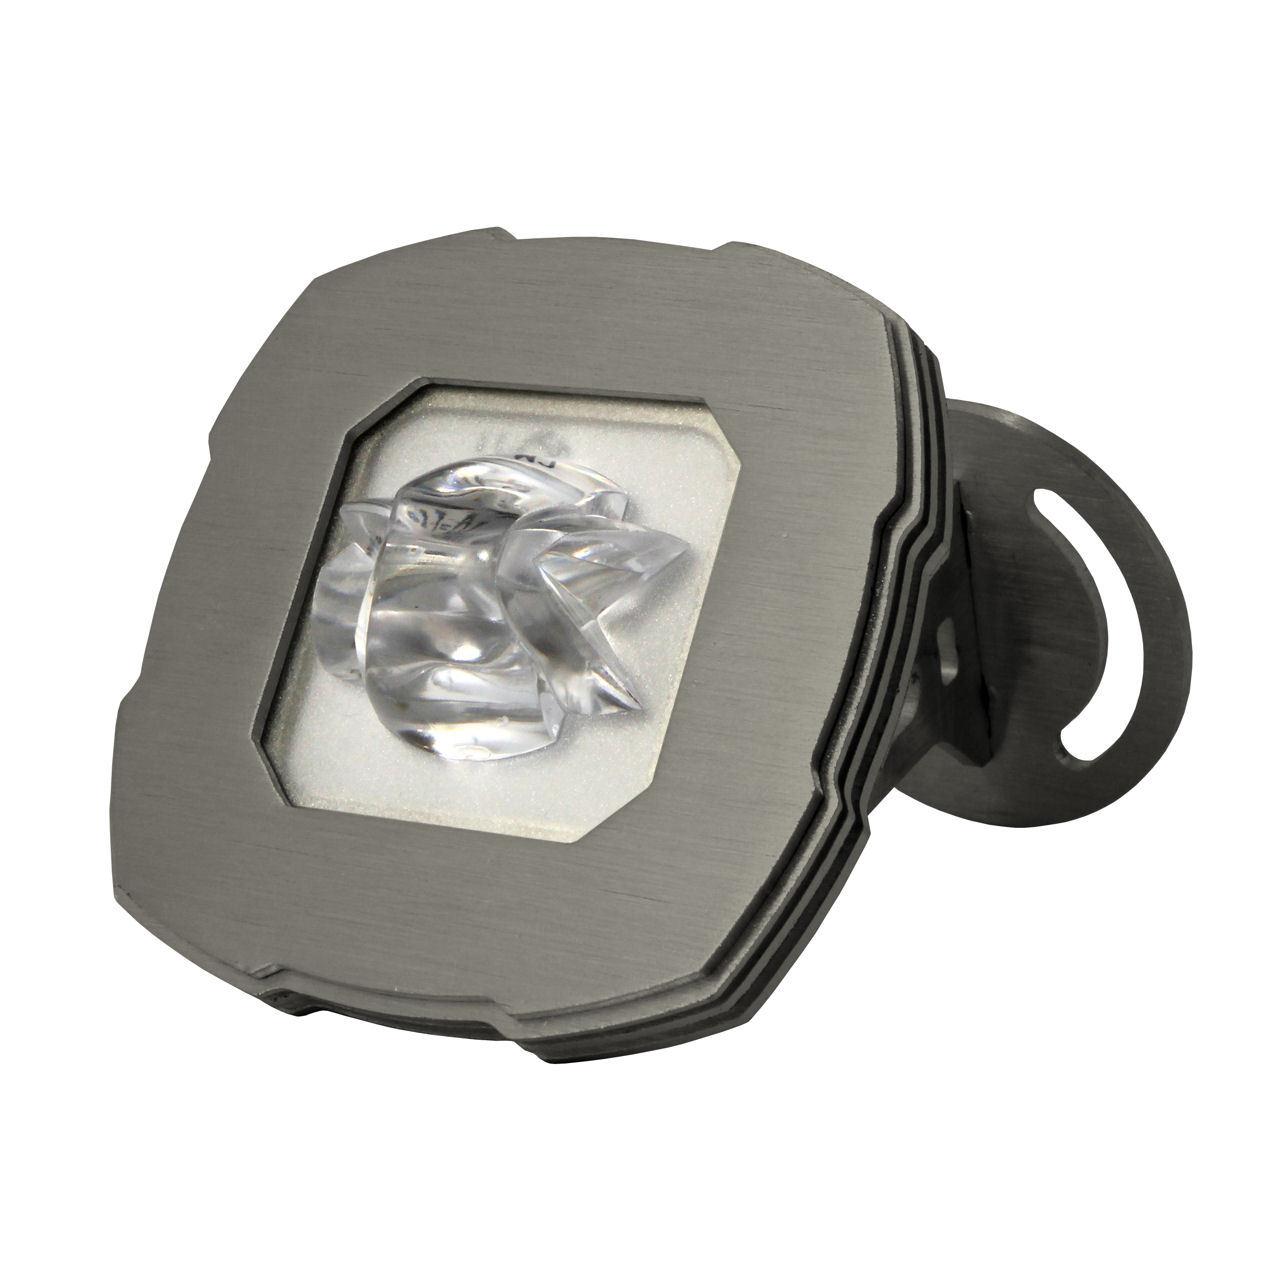 Аварийный LED-светильник для освещения эвакуационных проходов SPY/C Awex